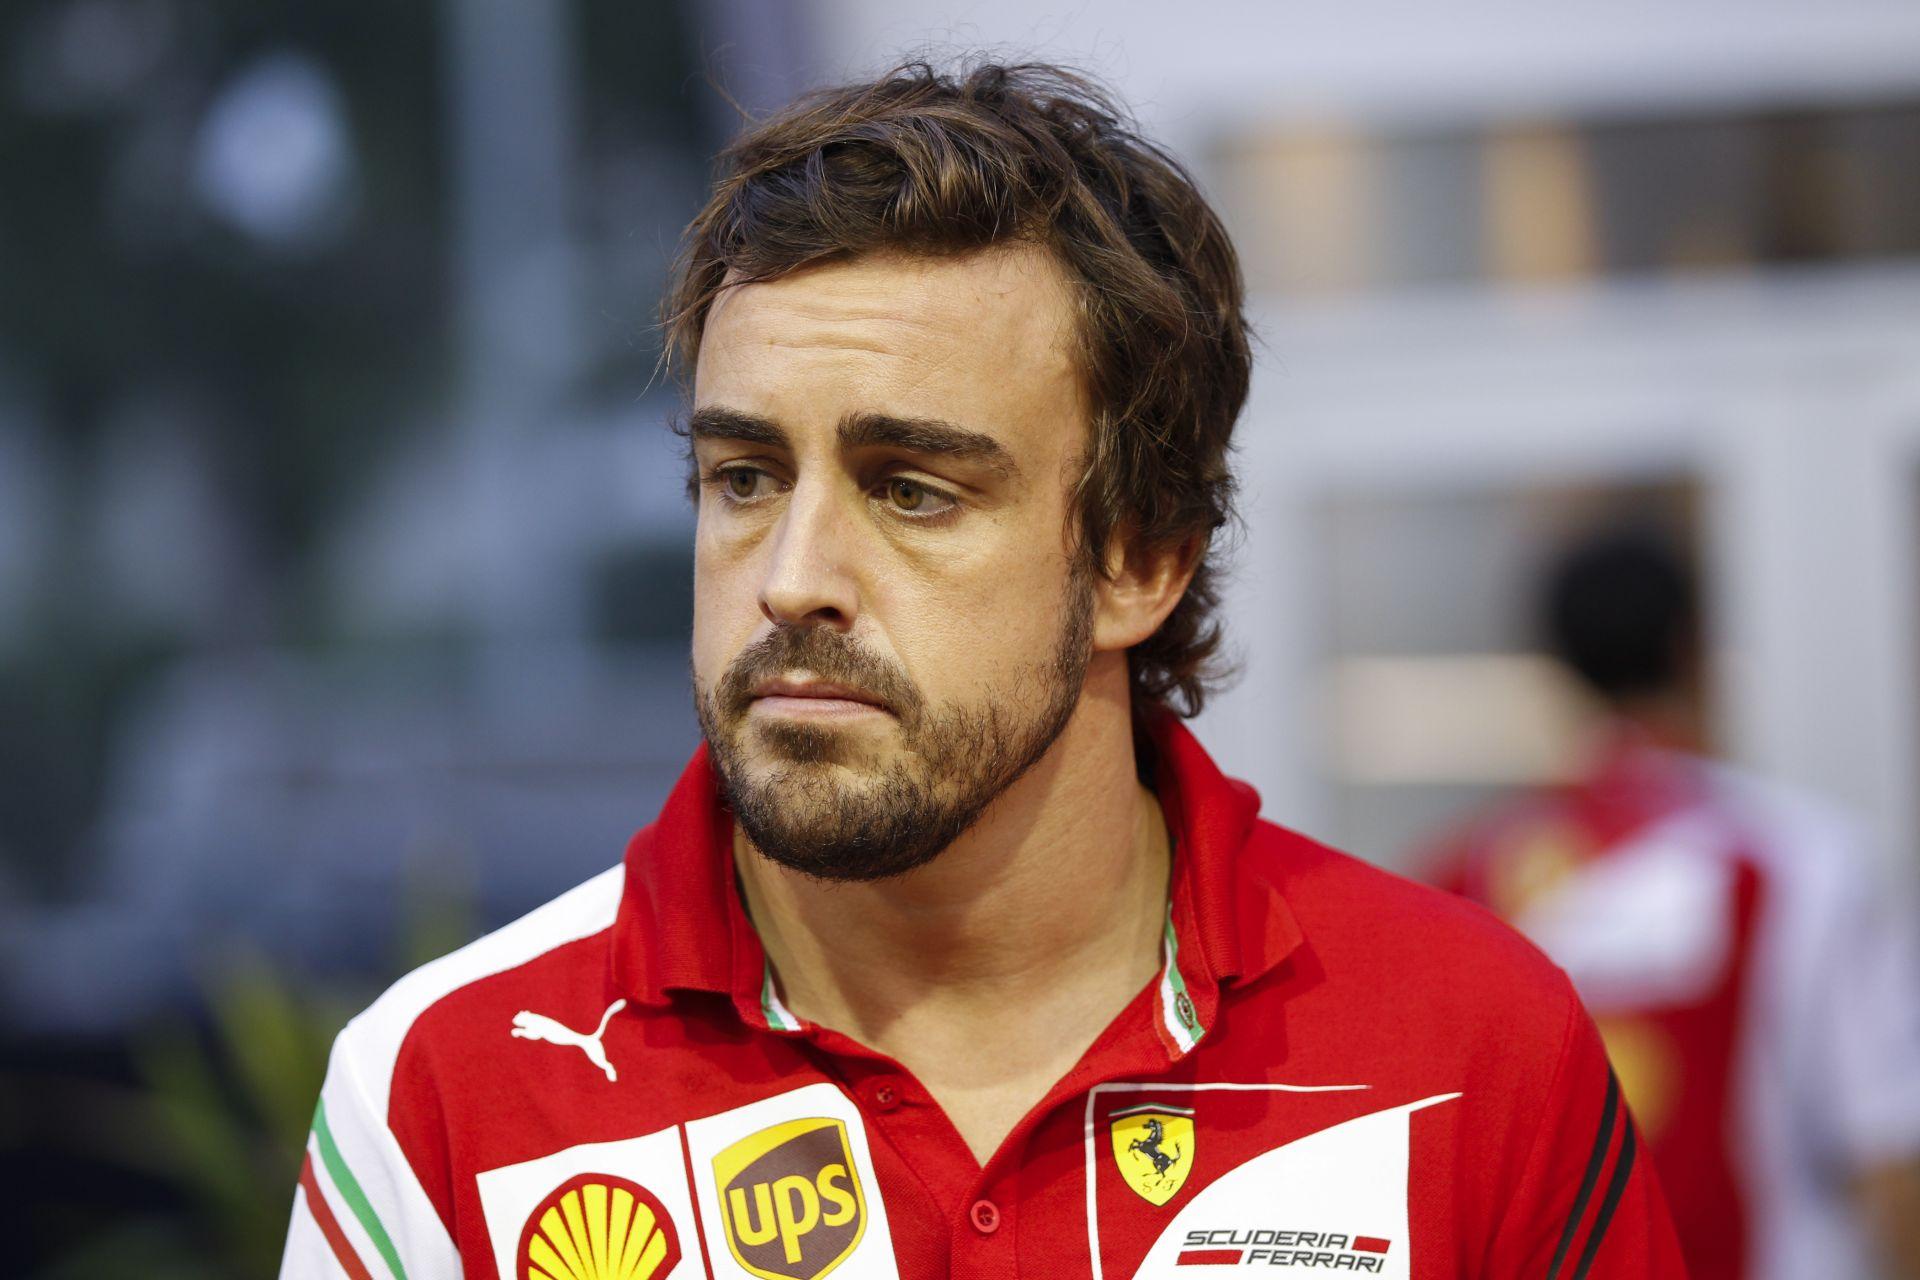 Küszöbön a bejelentés: Alonso távozik a Ferraritól és aláír a McLarenhez?